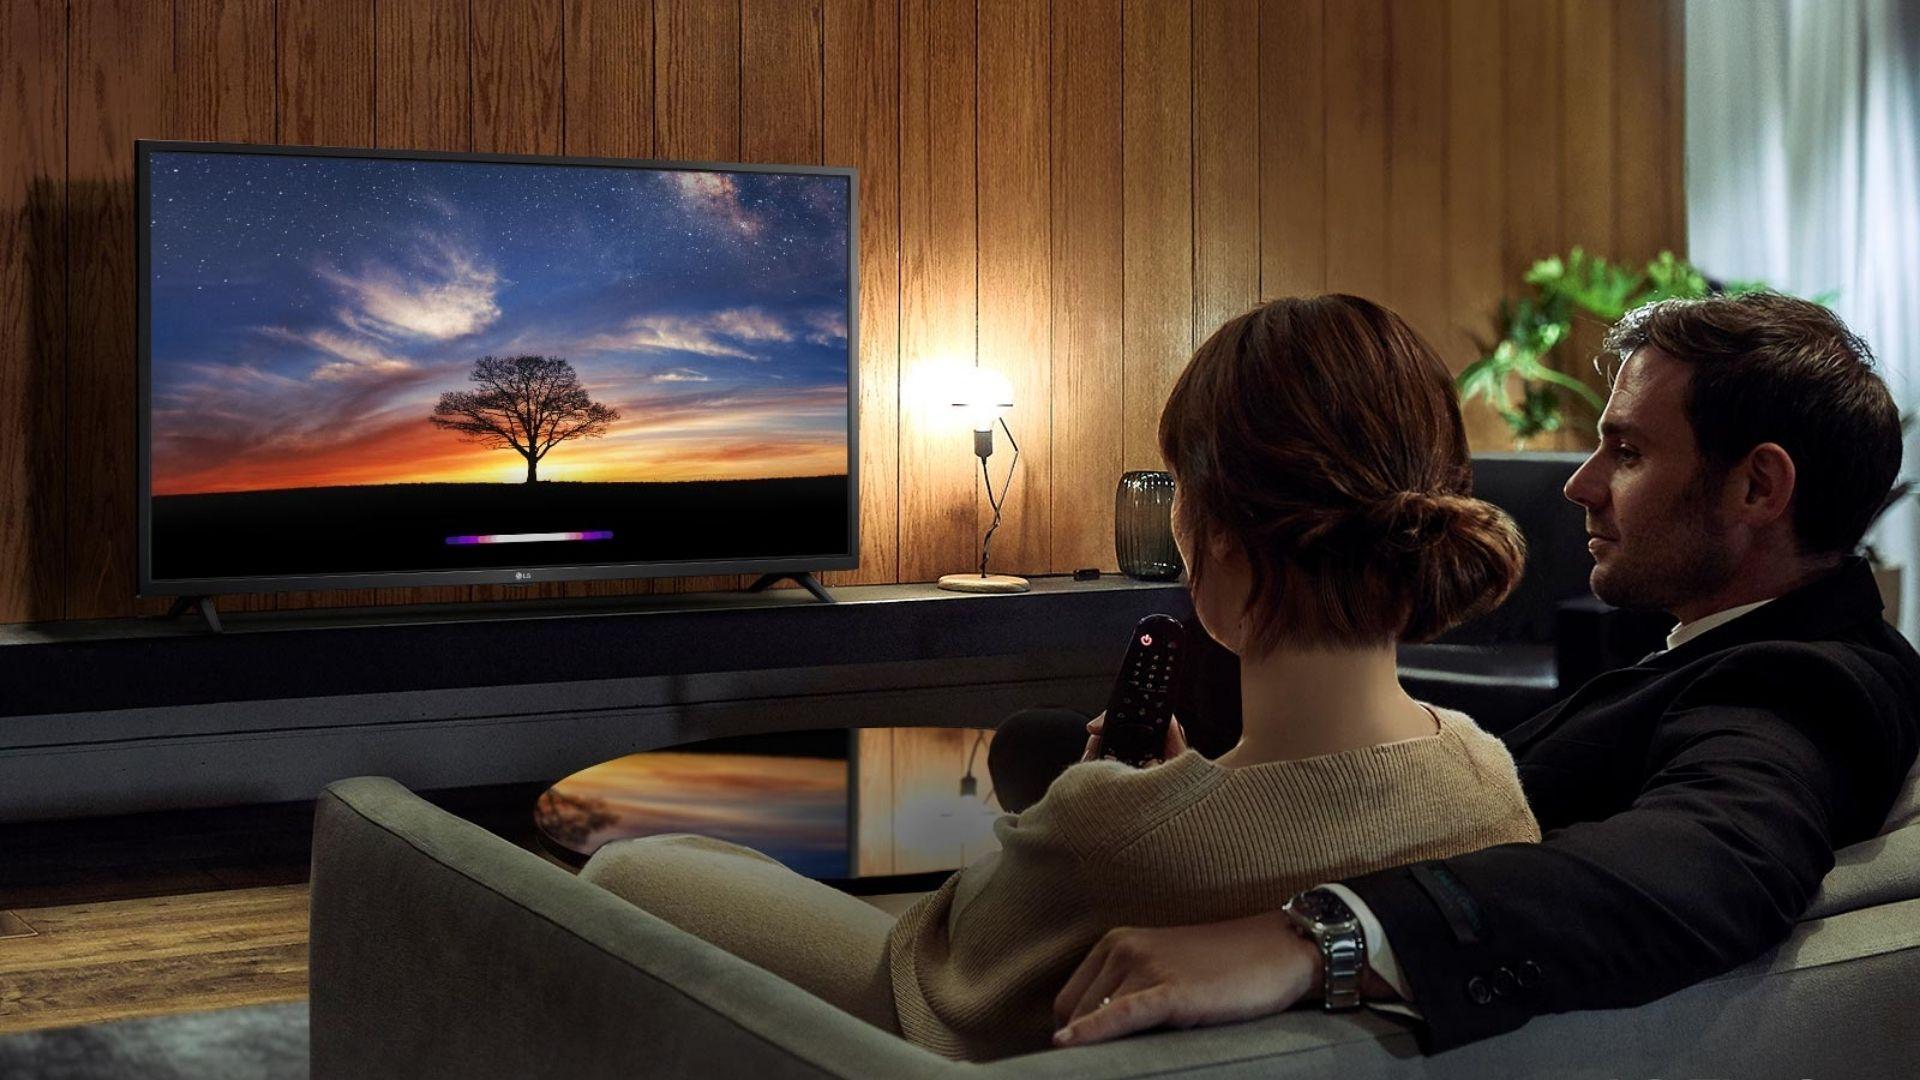 TV LG LM625BPSB tem tela com bom ângulo de visão e multi-HDR Ativo. (Imagem: Divulgação/LG)